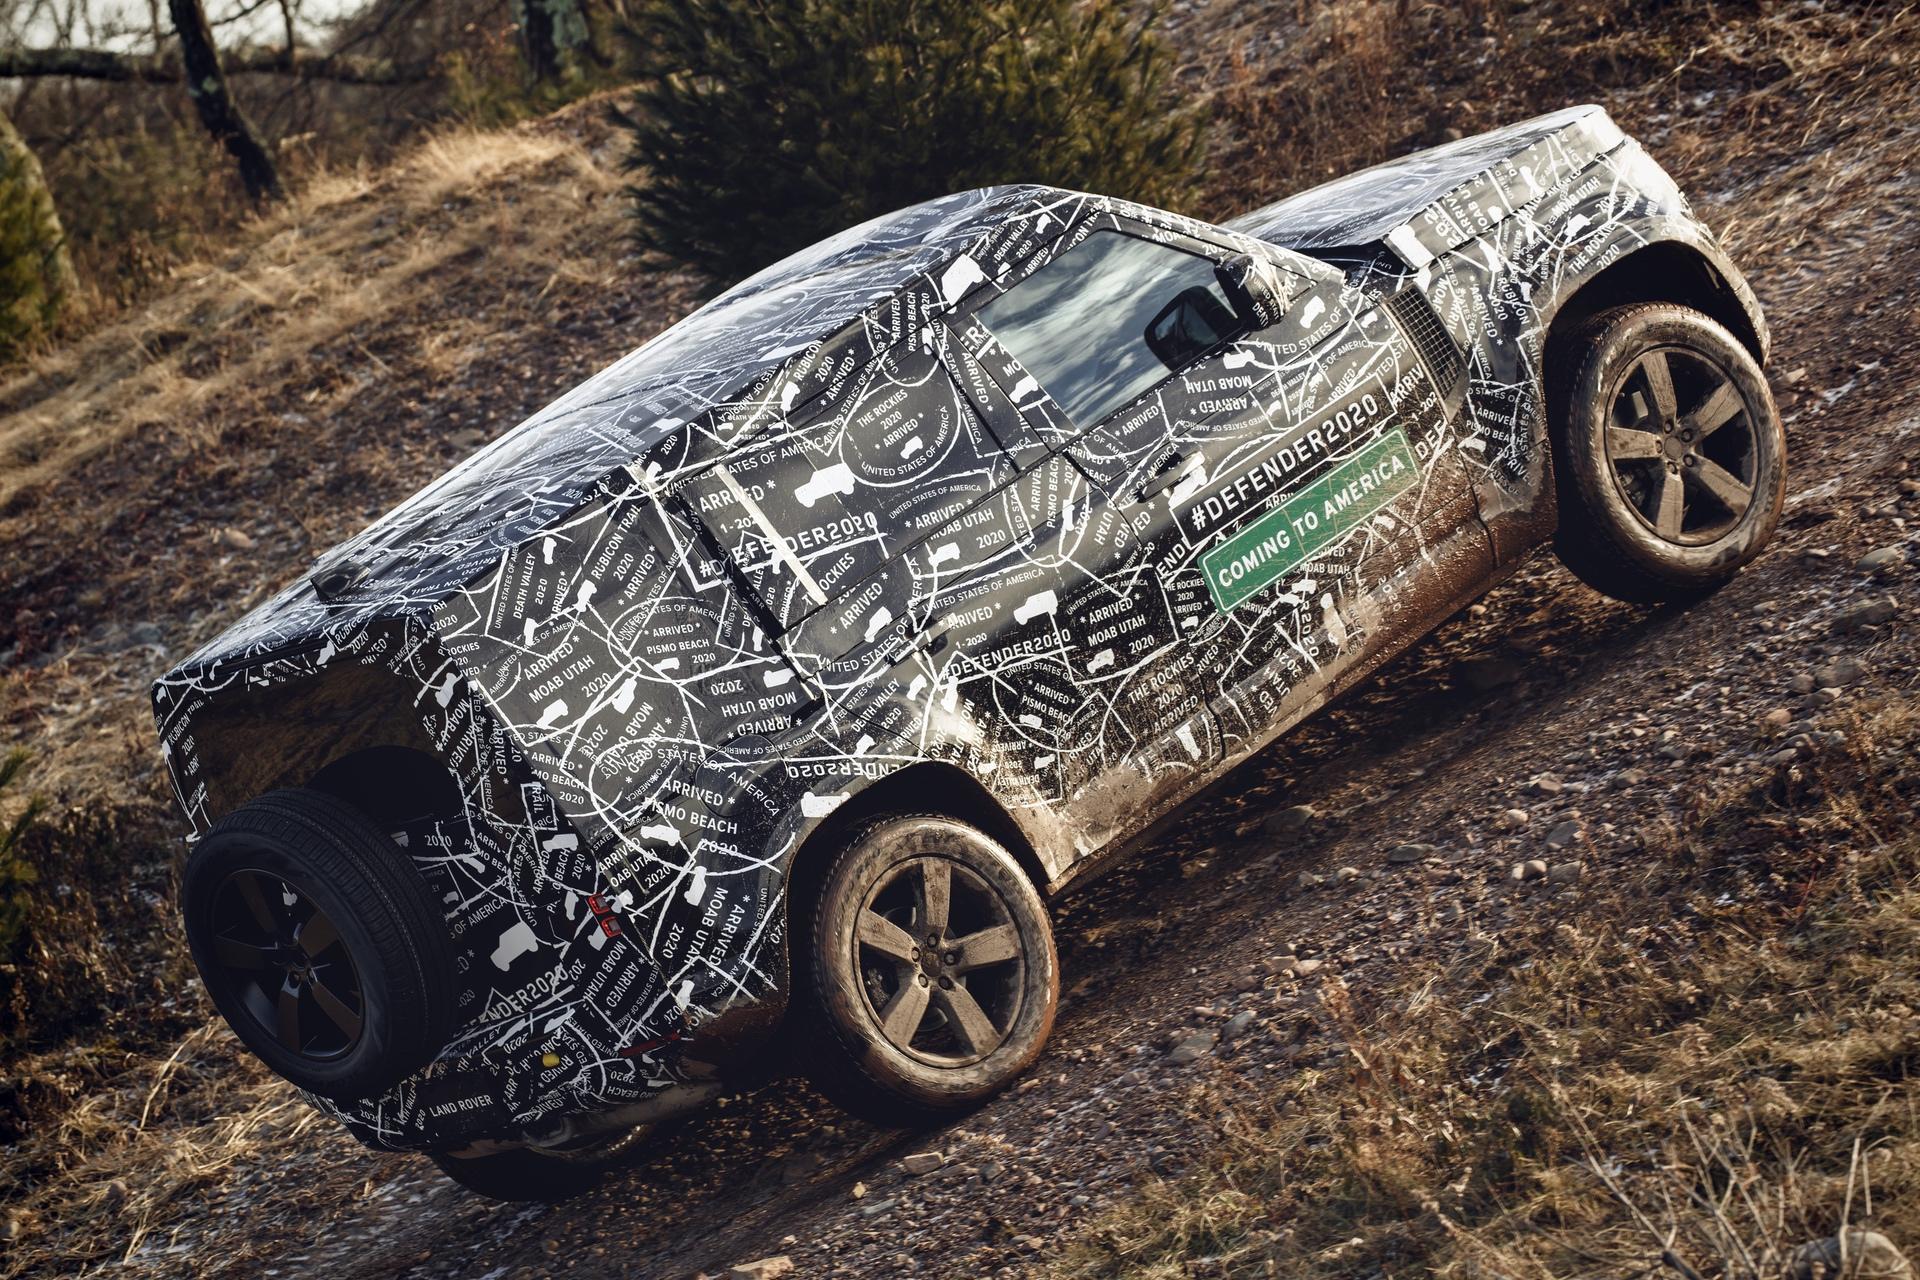 Land_Rover_Defender_tests_0029